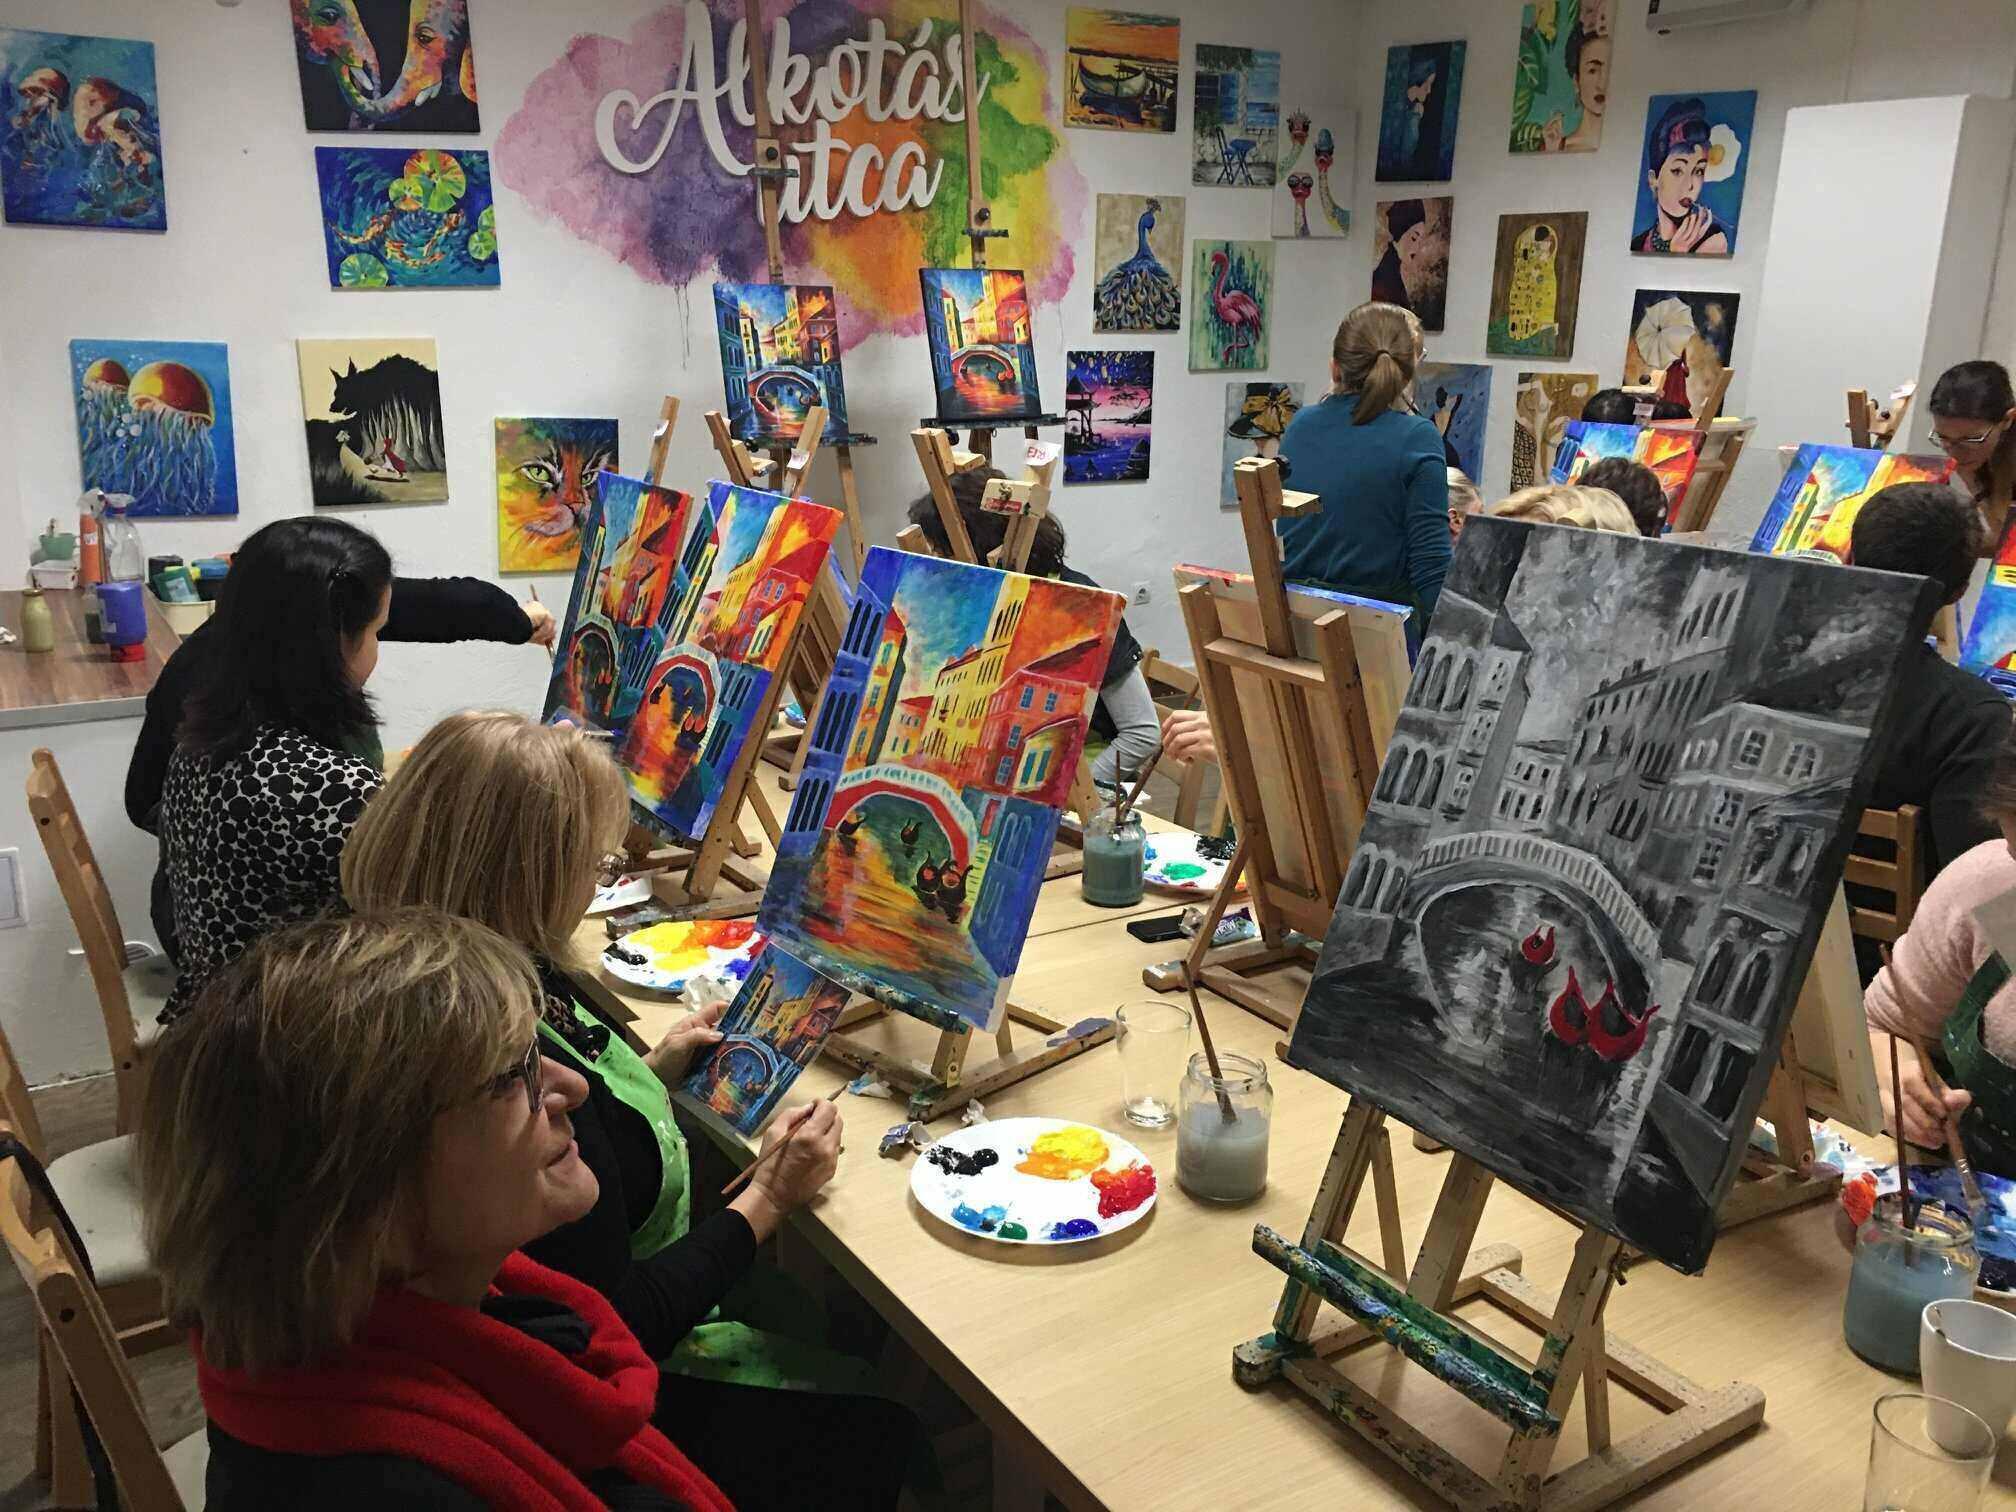 alkotasutca painting workshop